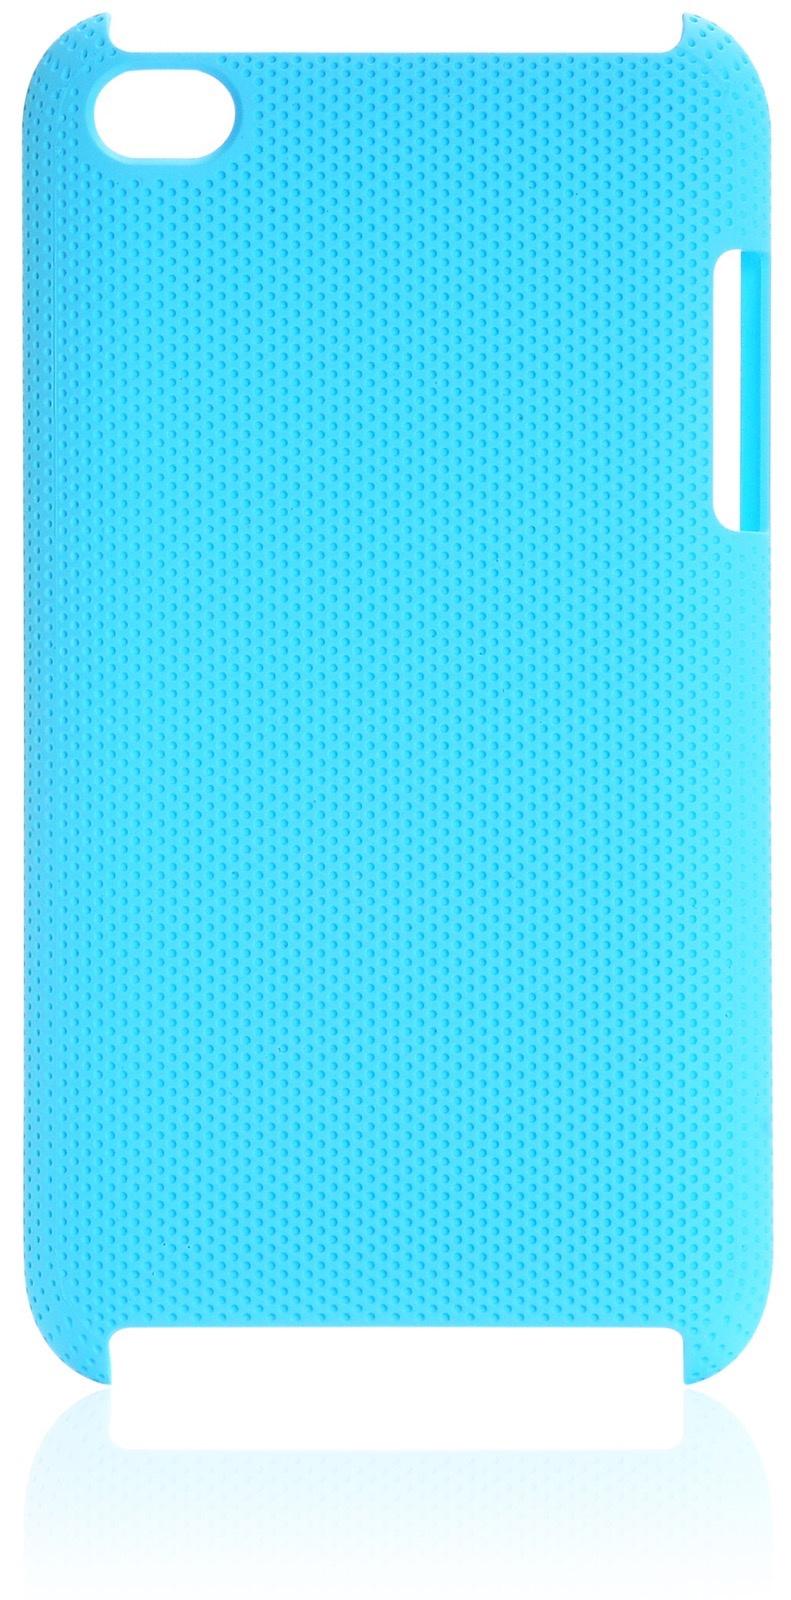 Чехол iNeez накладка с перфорацией blue для Apple iPod Touch 4,180122,голубой книги для mp3 плеера скачать